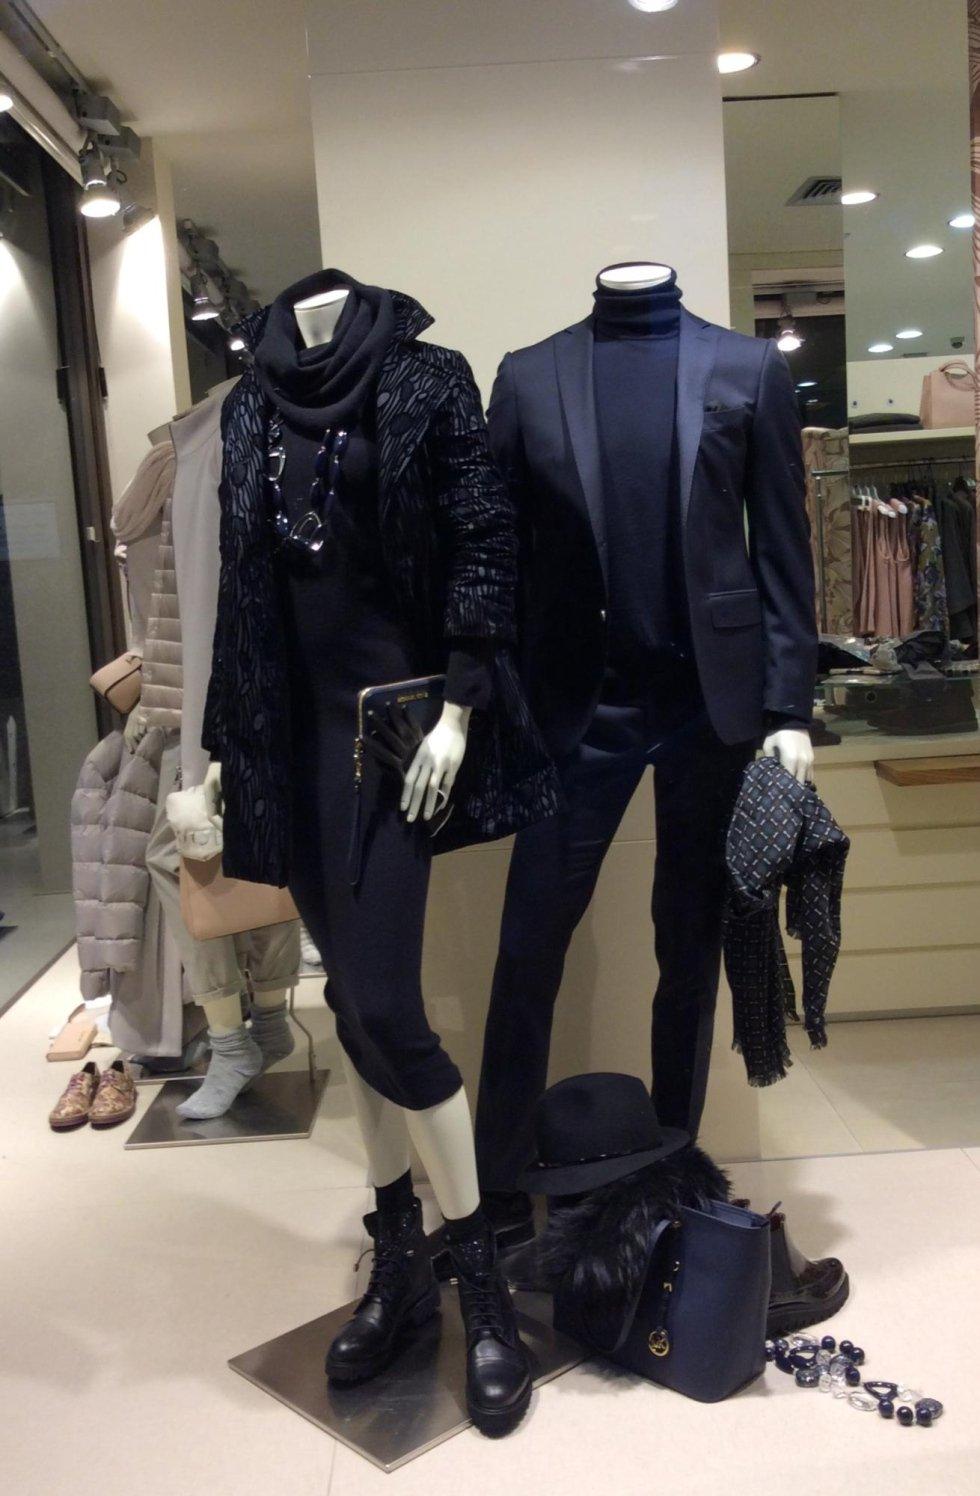 abito uomo luigi bianchi cappotto donna aspesi